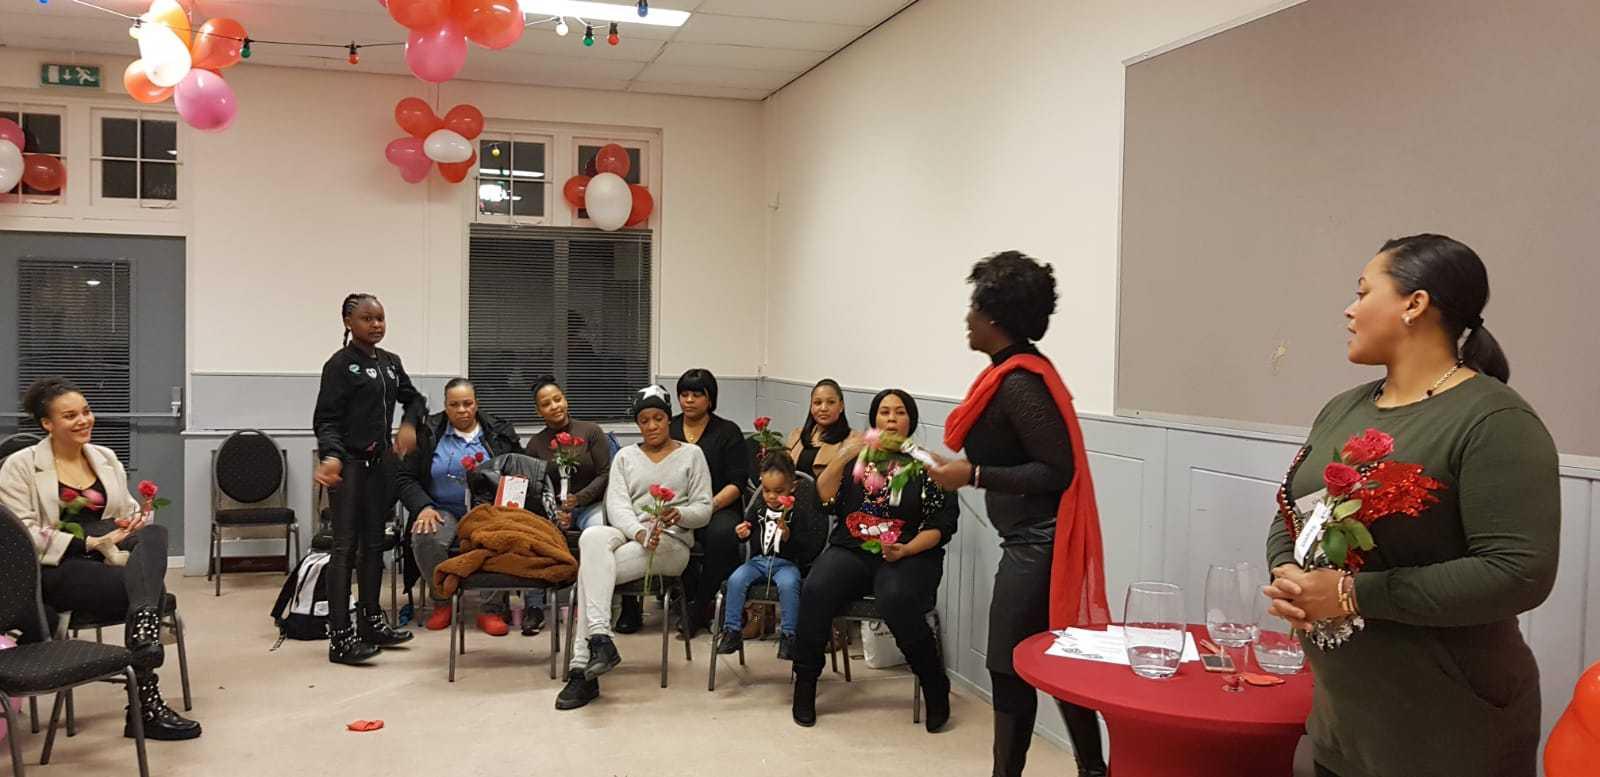 Vrouwennetwerk presents: Vrouwenbijeenkomst